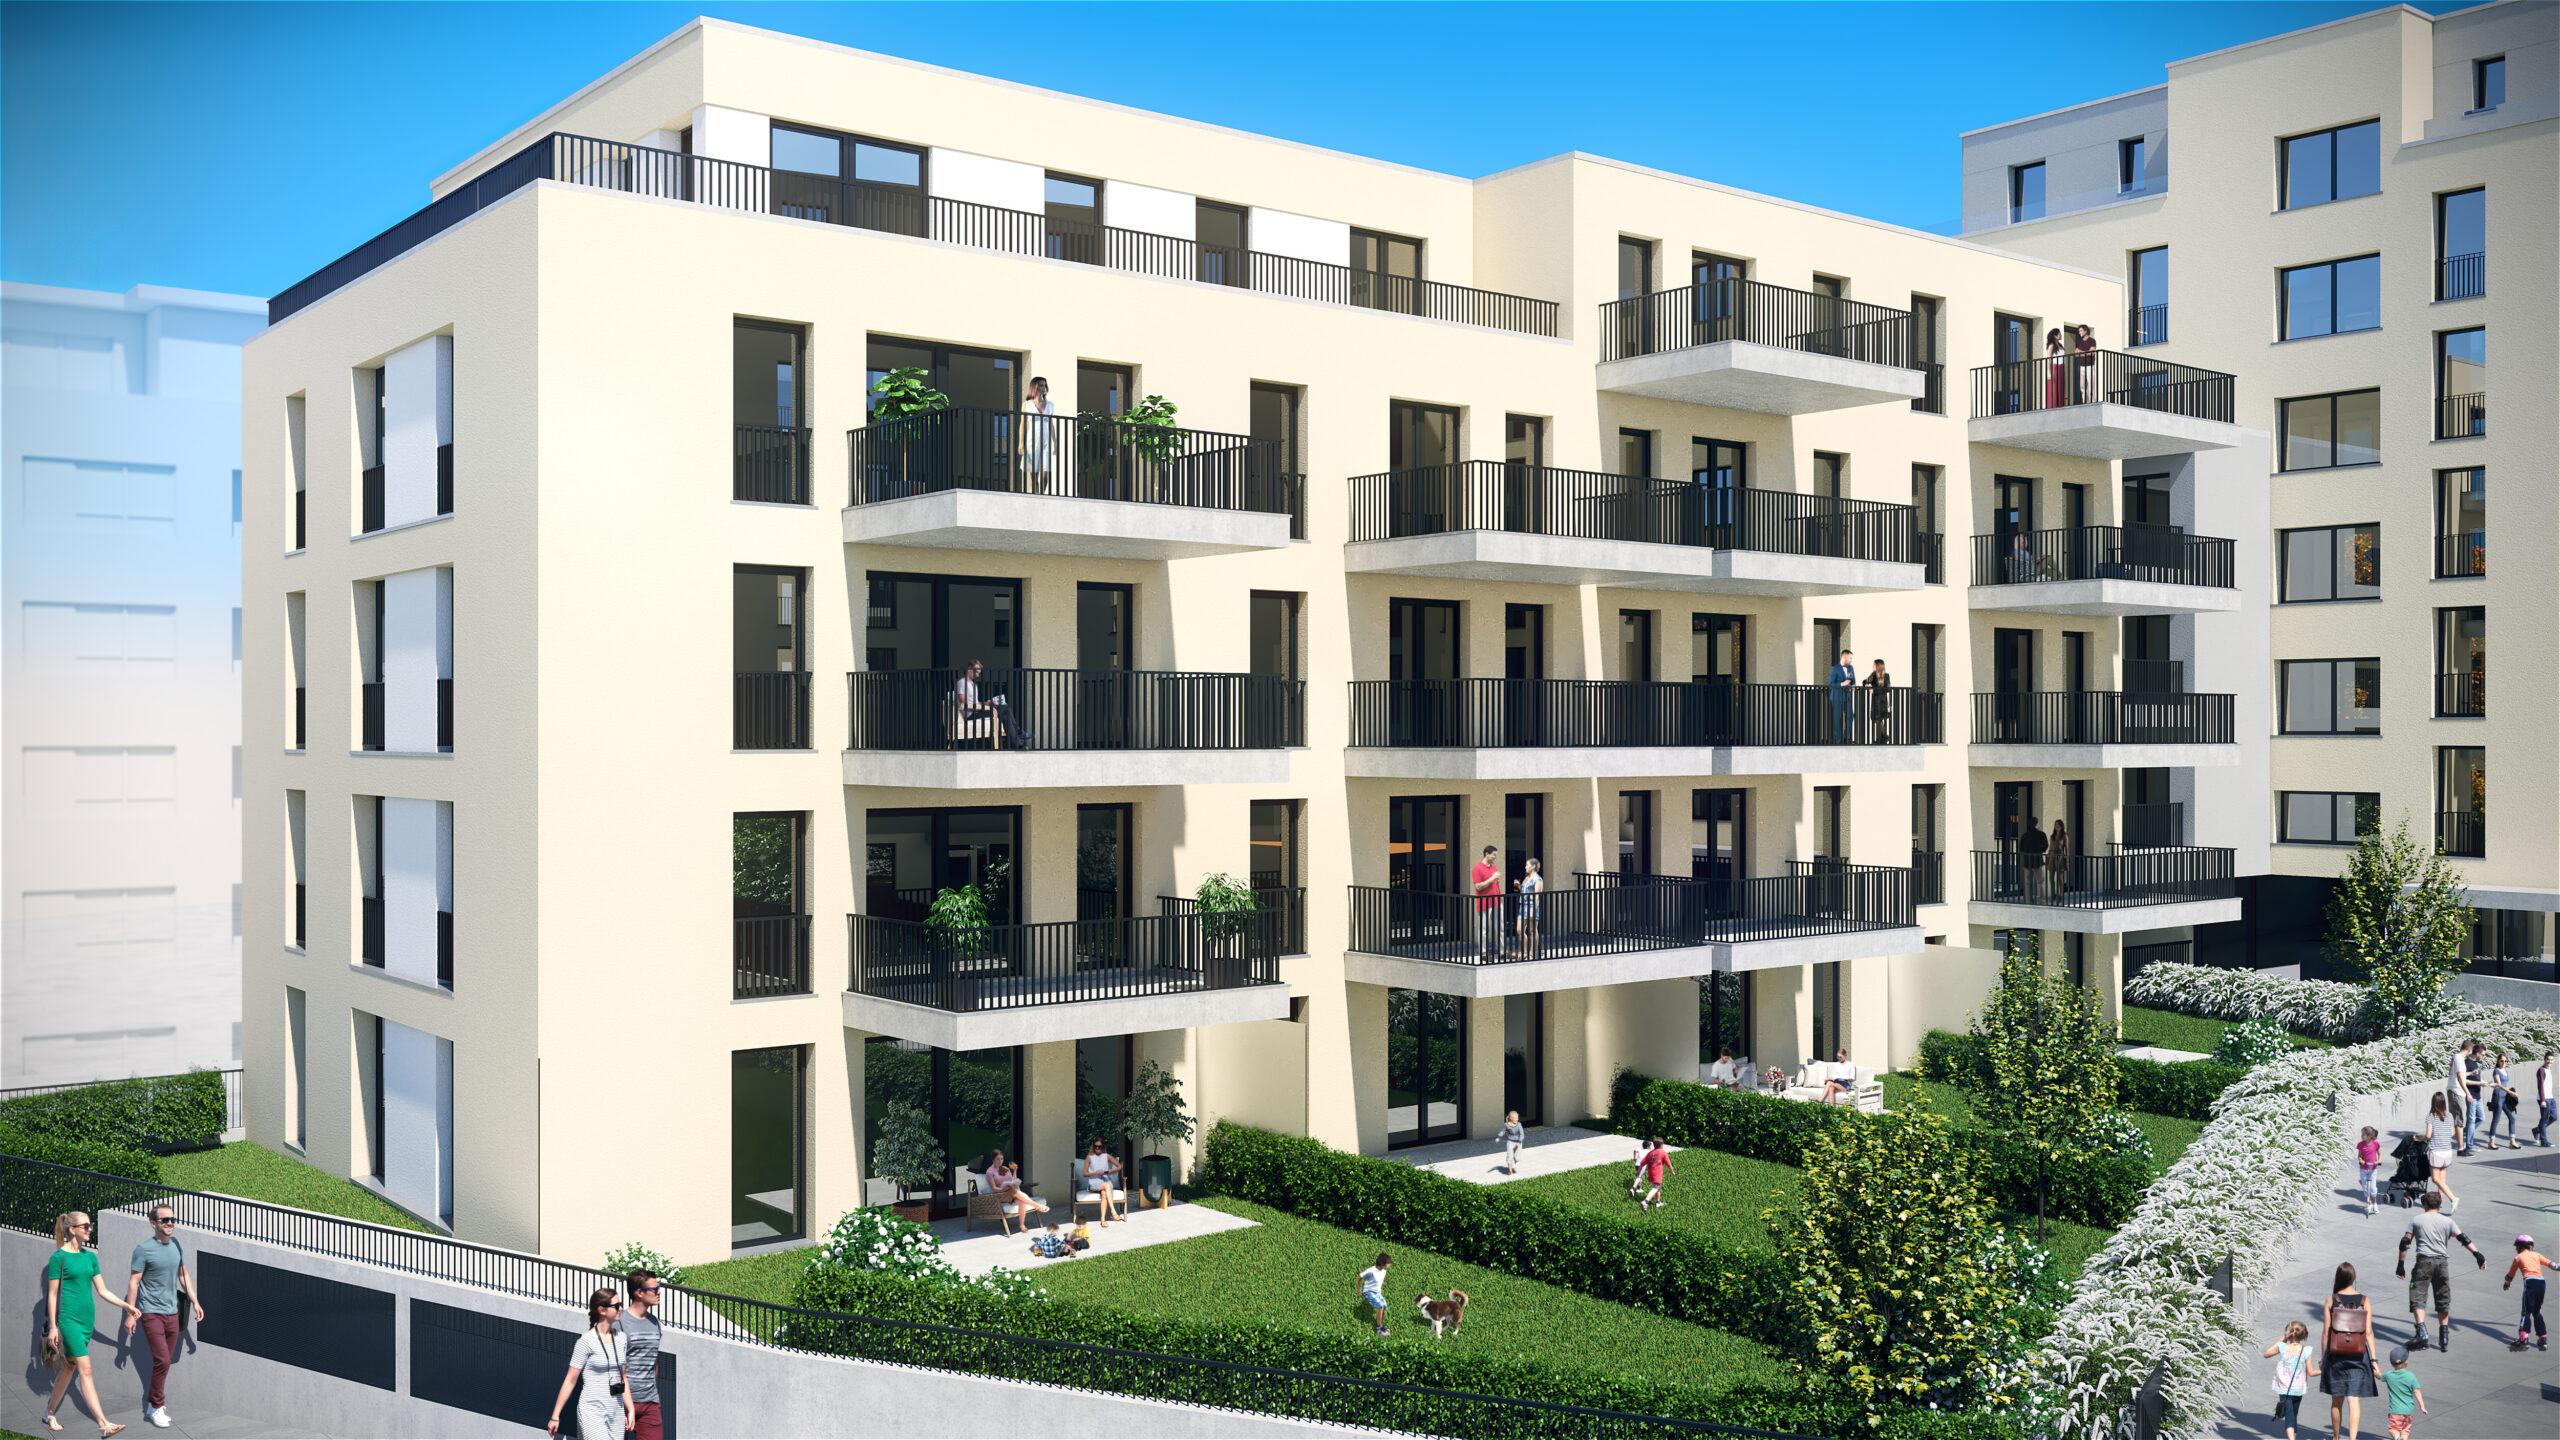 Willkommen daheim! 3-Zimmer-Erdgeschosswohnung mit großzügigem Gartenanteil